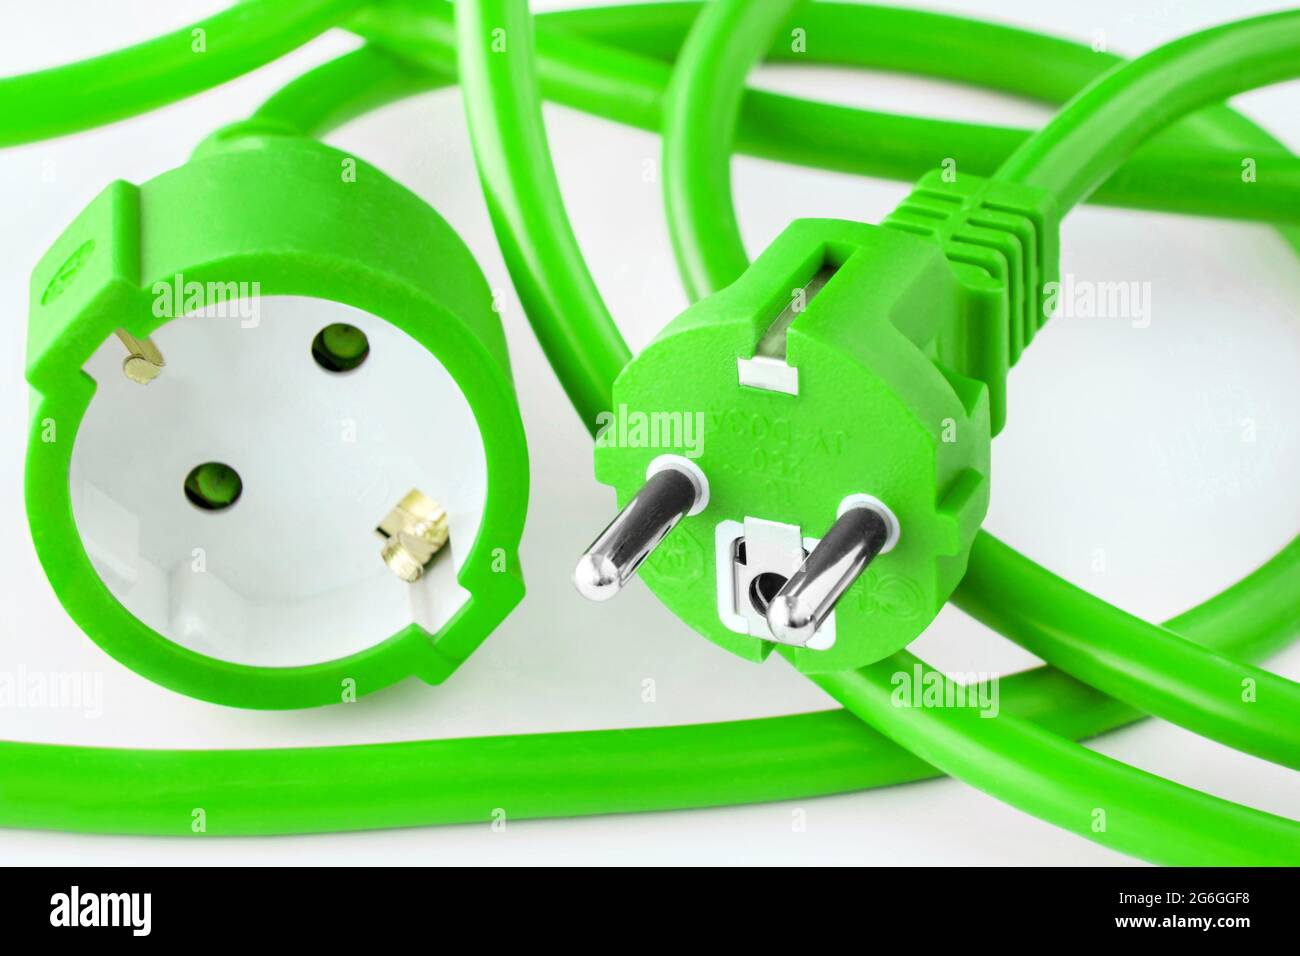 Grünes Stromkabel auf weissem Hintergrund Stock Photo